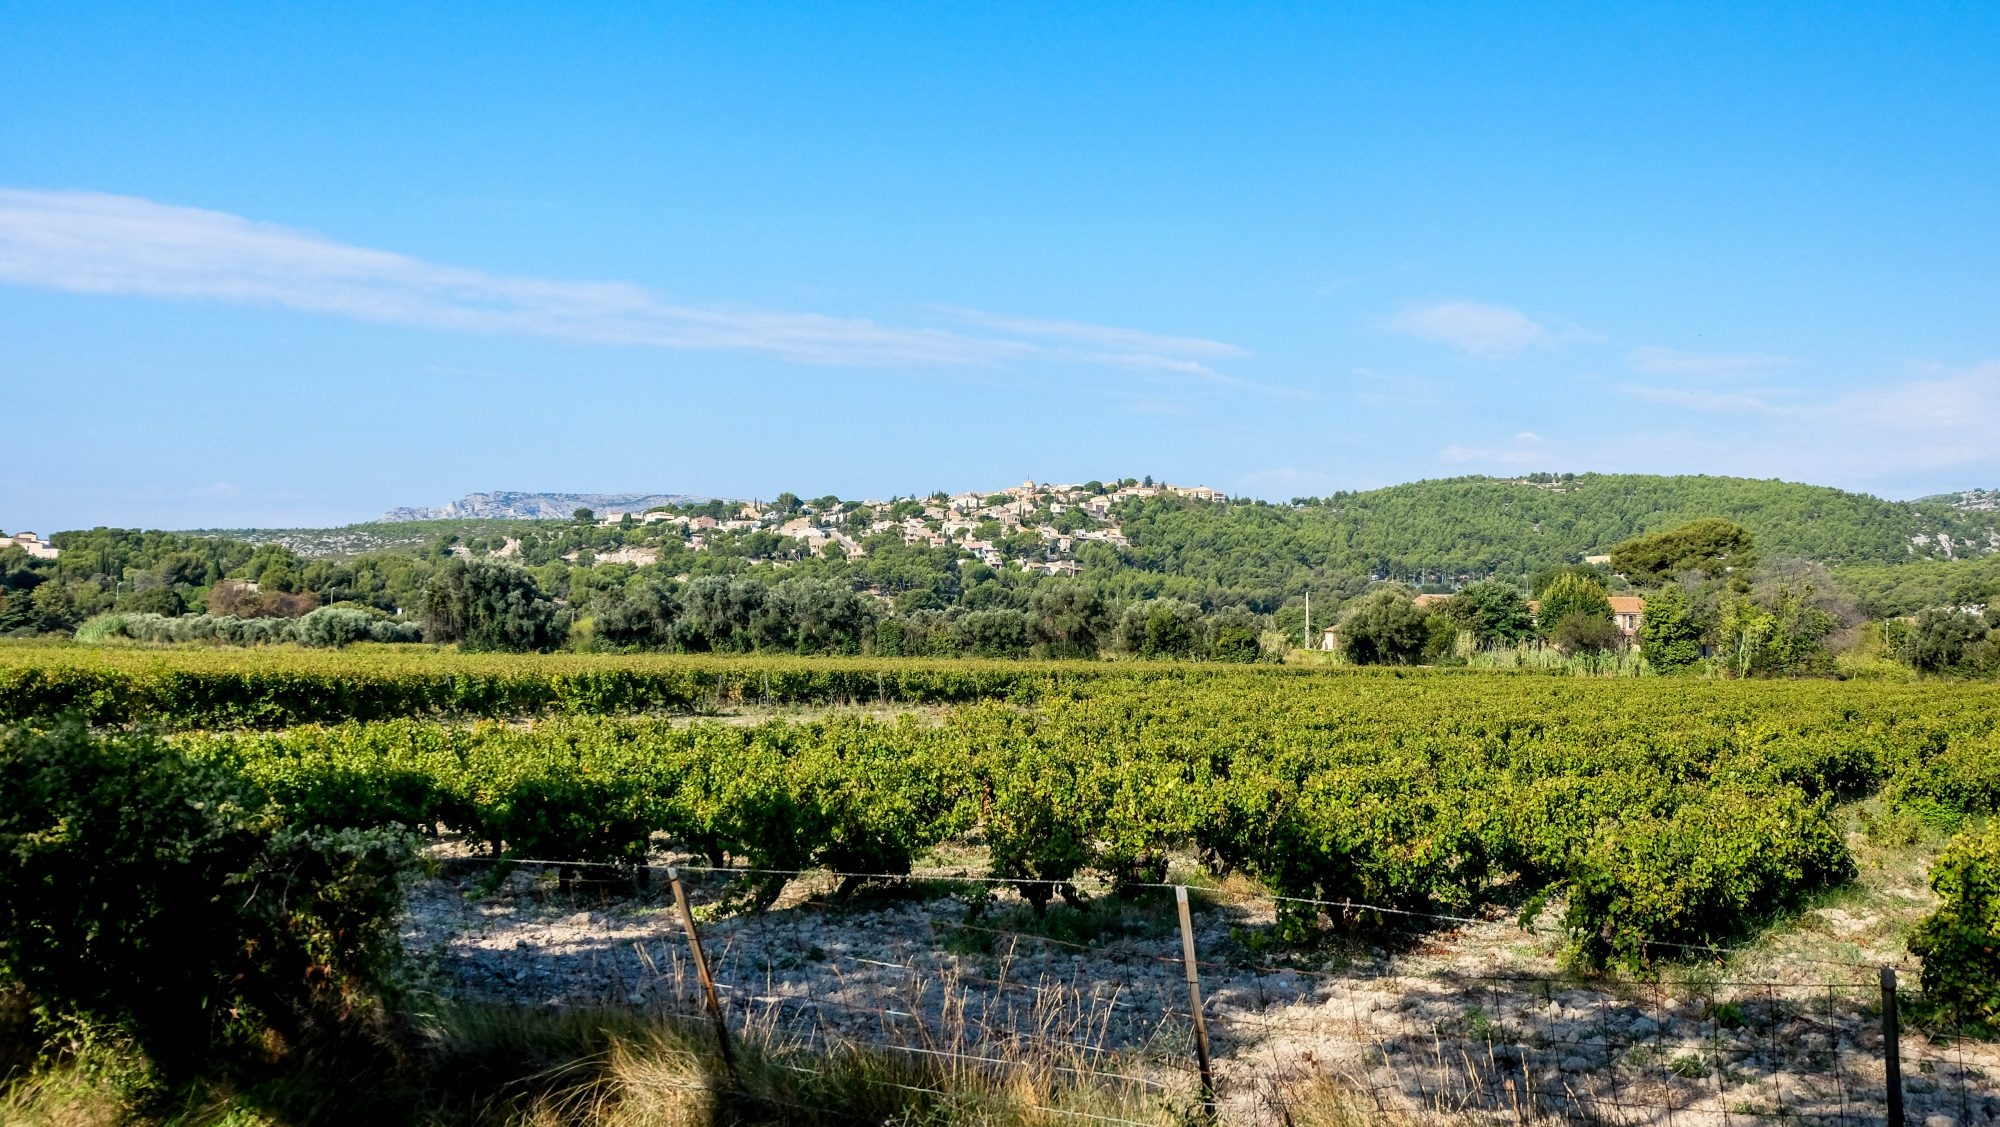 Petite village au dusses des vignobles de Cassis